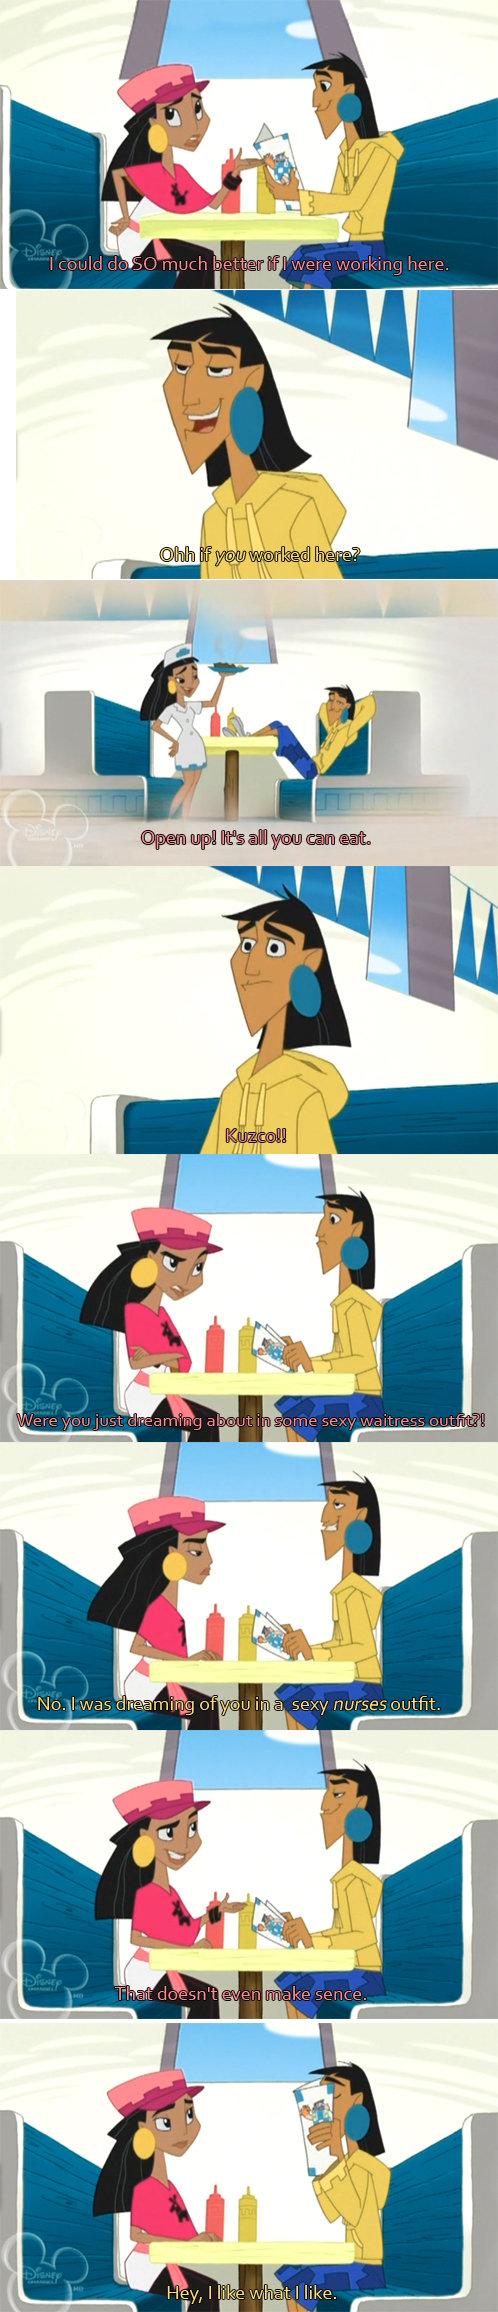 Fantasies Don't Need To Make Sense. That's why their fantasies... Nurse... Waitress... Or schoolgirl?